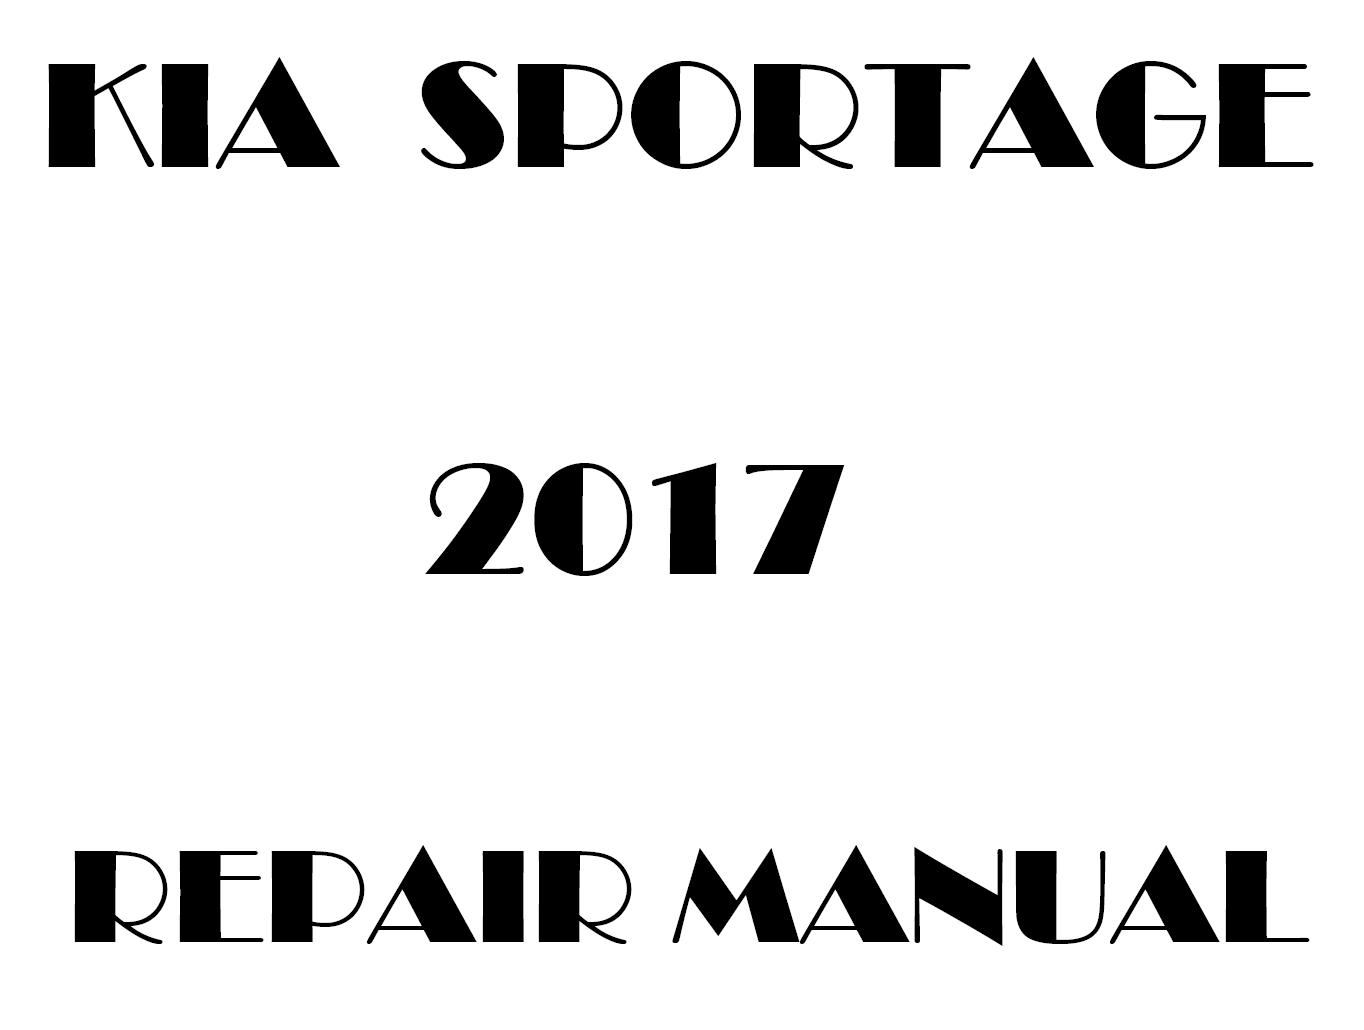 2017 Kia Sportage repair manual